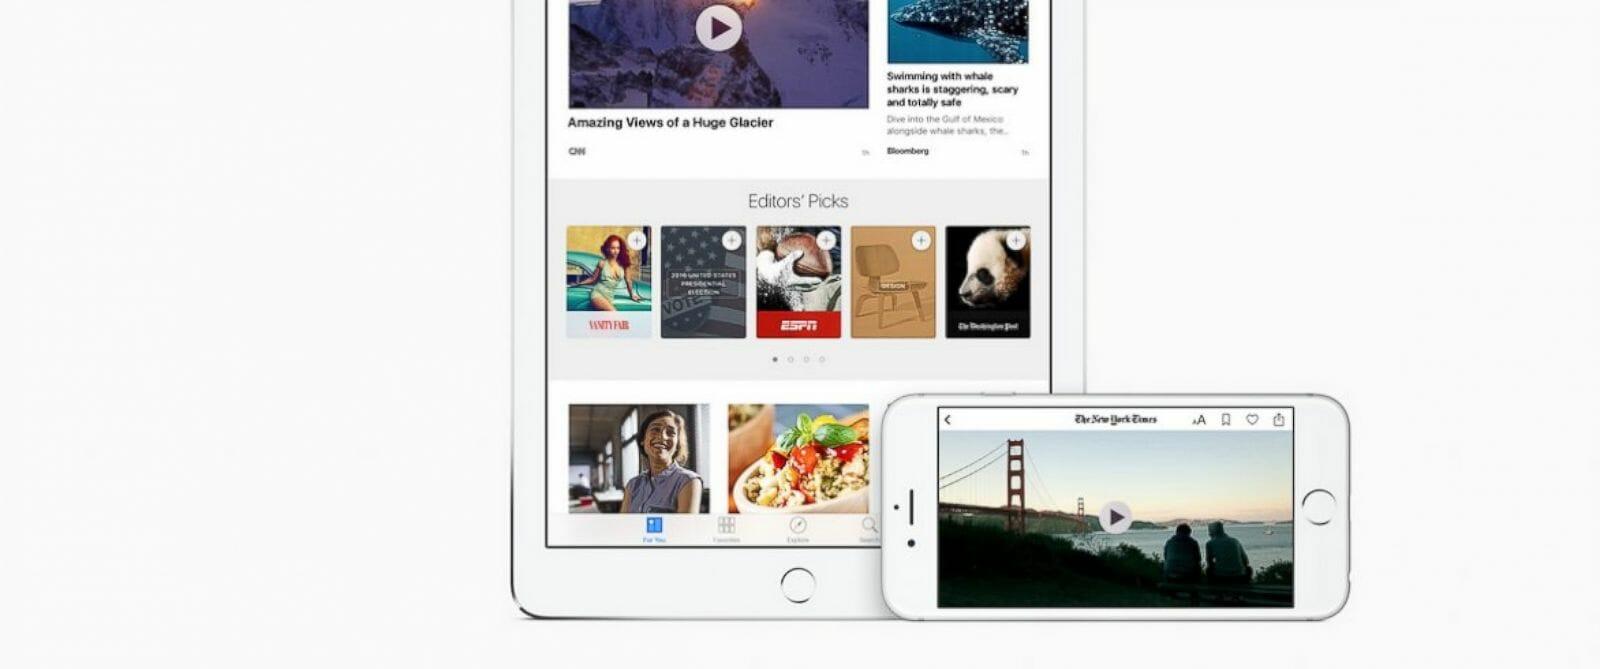 iOS 9.3, iOS 9.3 Features, Apple